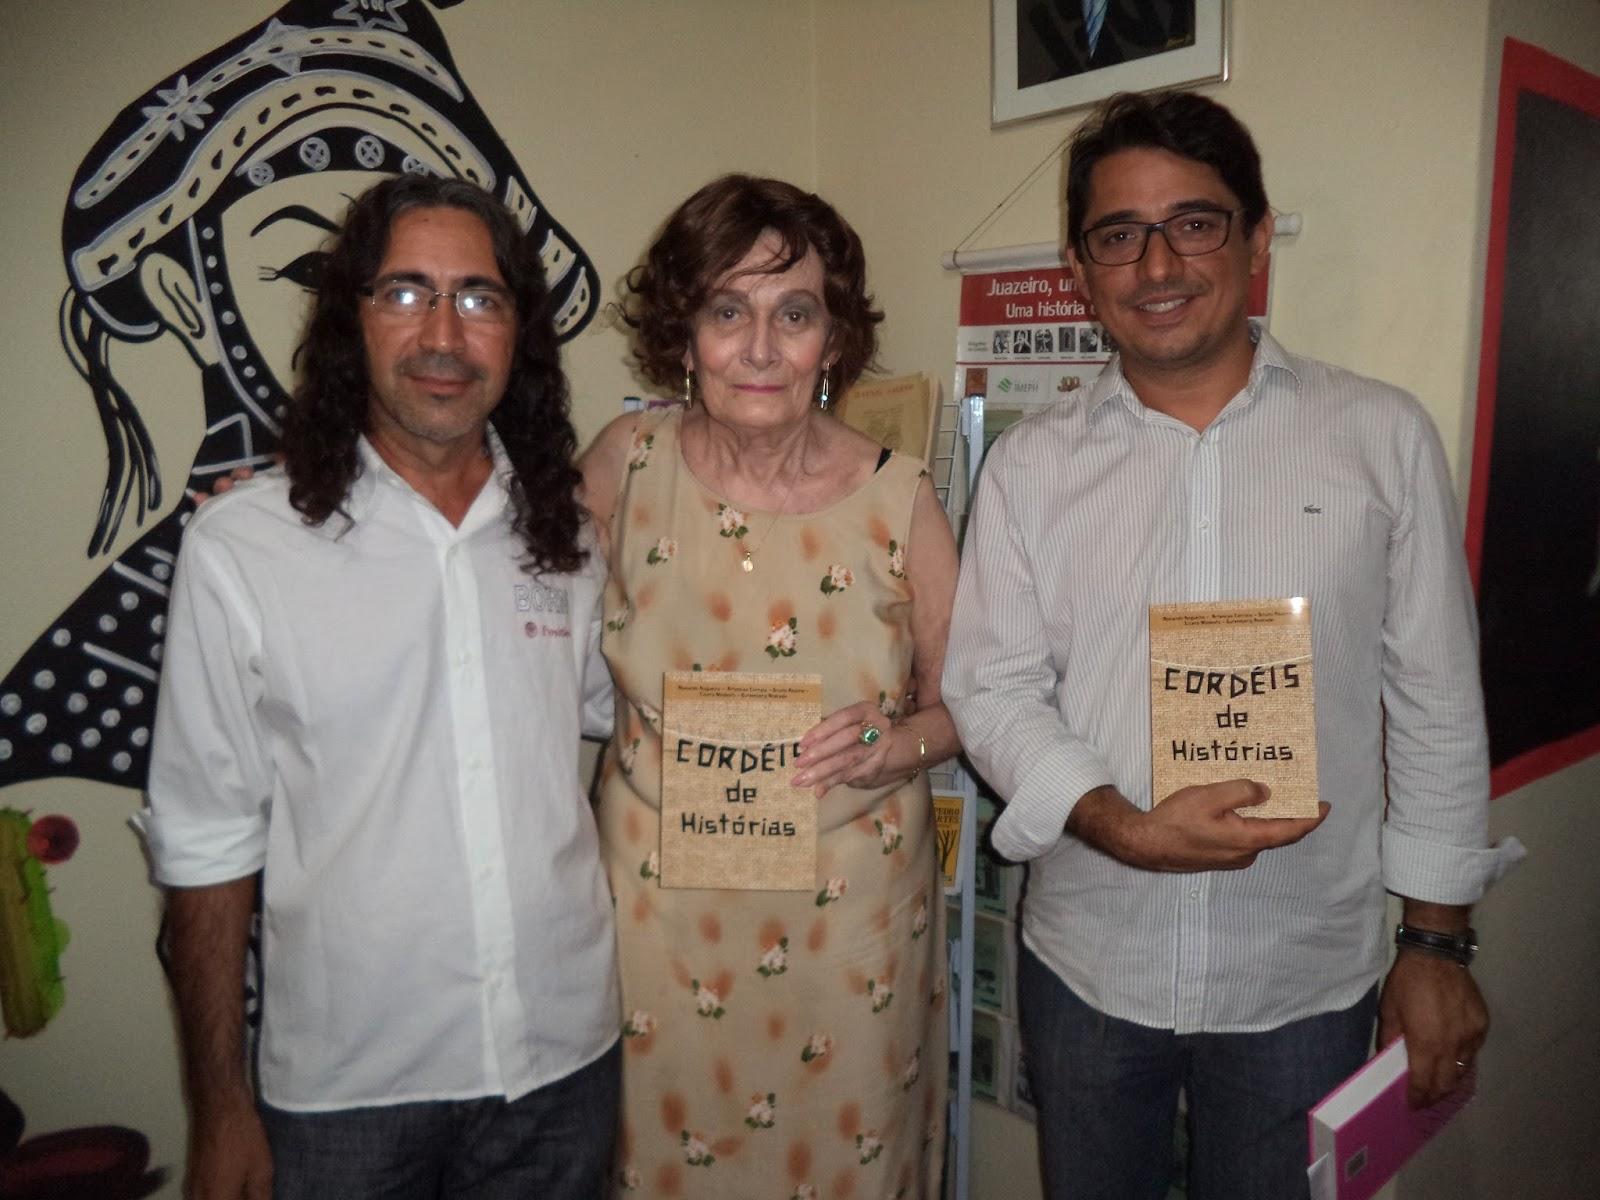 Blog Dos CordÉis: Blog Celebridades Do Maciço: Cordéis De História, De